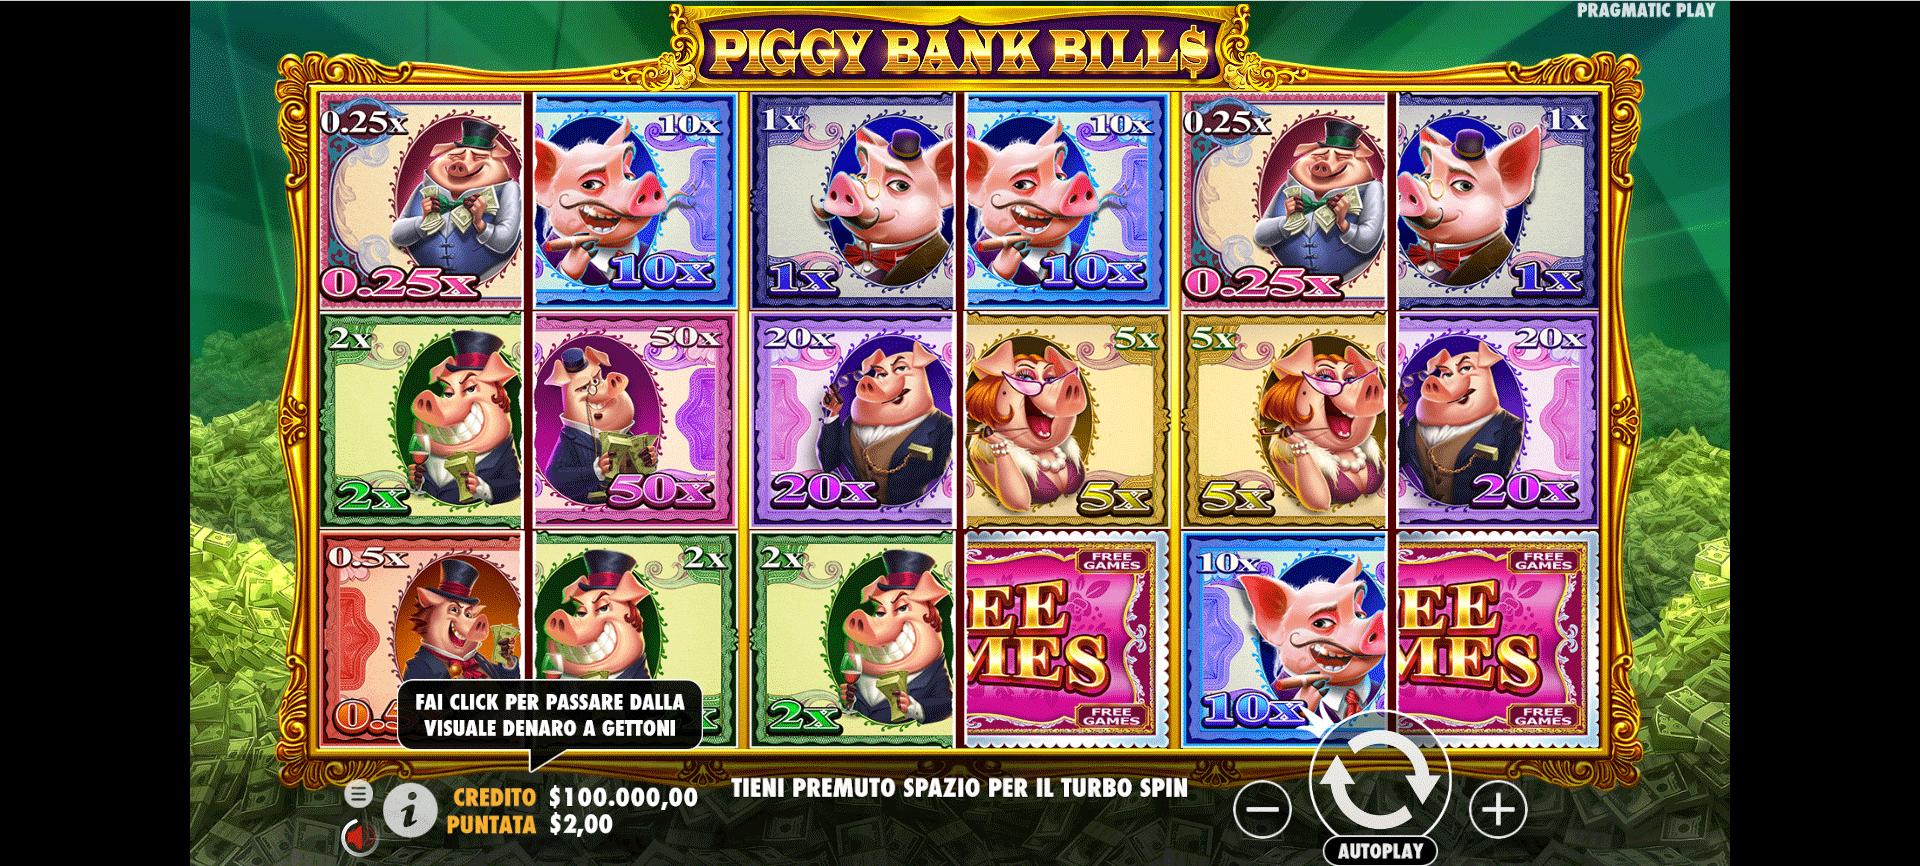 Slot Piggy Bank Bills